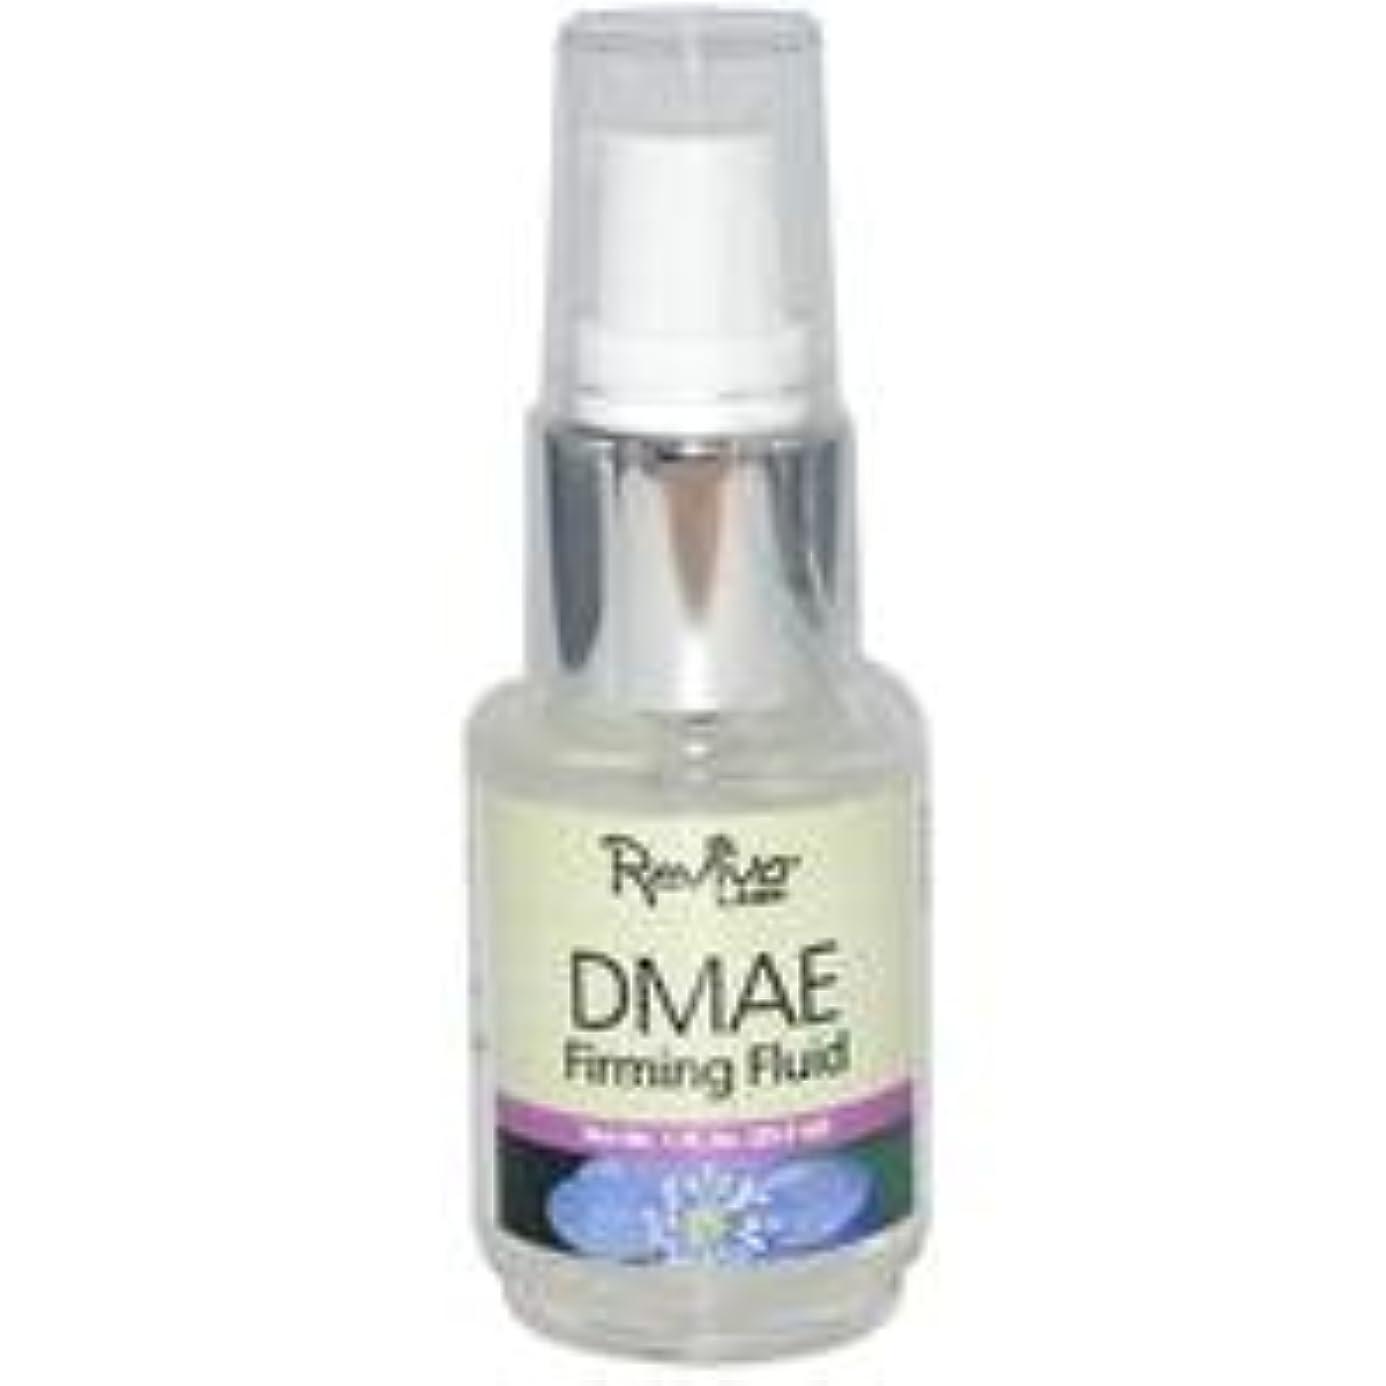 民間ラダ早く[海外直送品] レビバ(Reviva) DMAE ファーミングフルイド(DMAE配合ジェル状美容液) 30ml